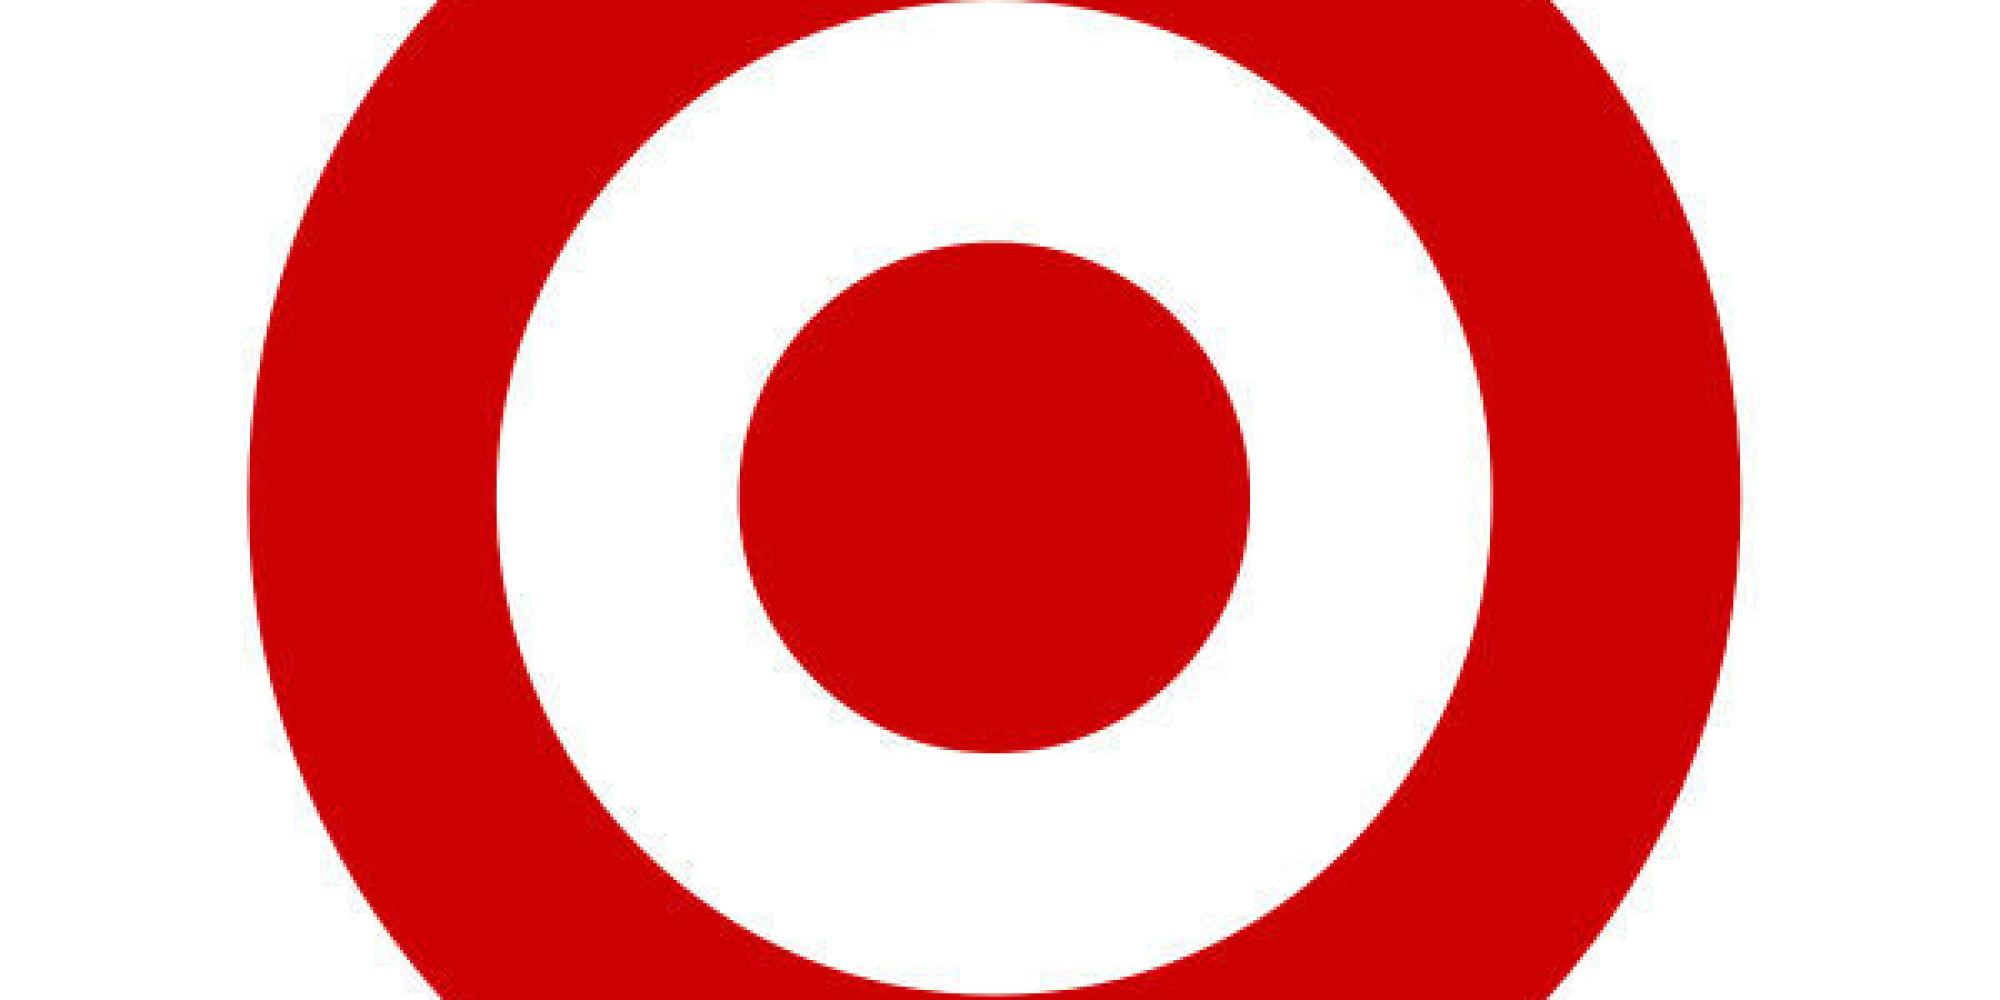 12 target logo vector images target bullseye logo target bullseye rh newdesignfile com only at target logo vector